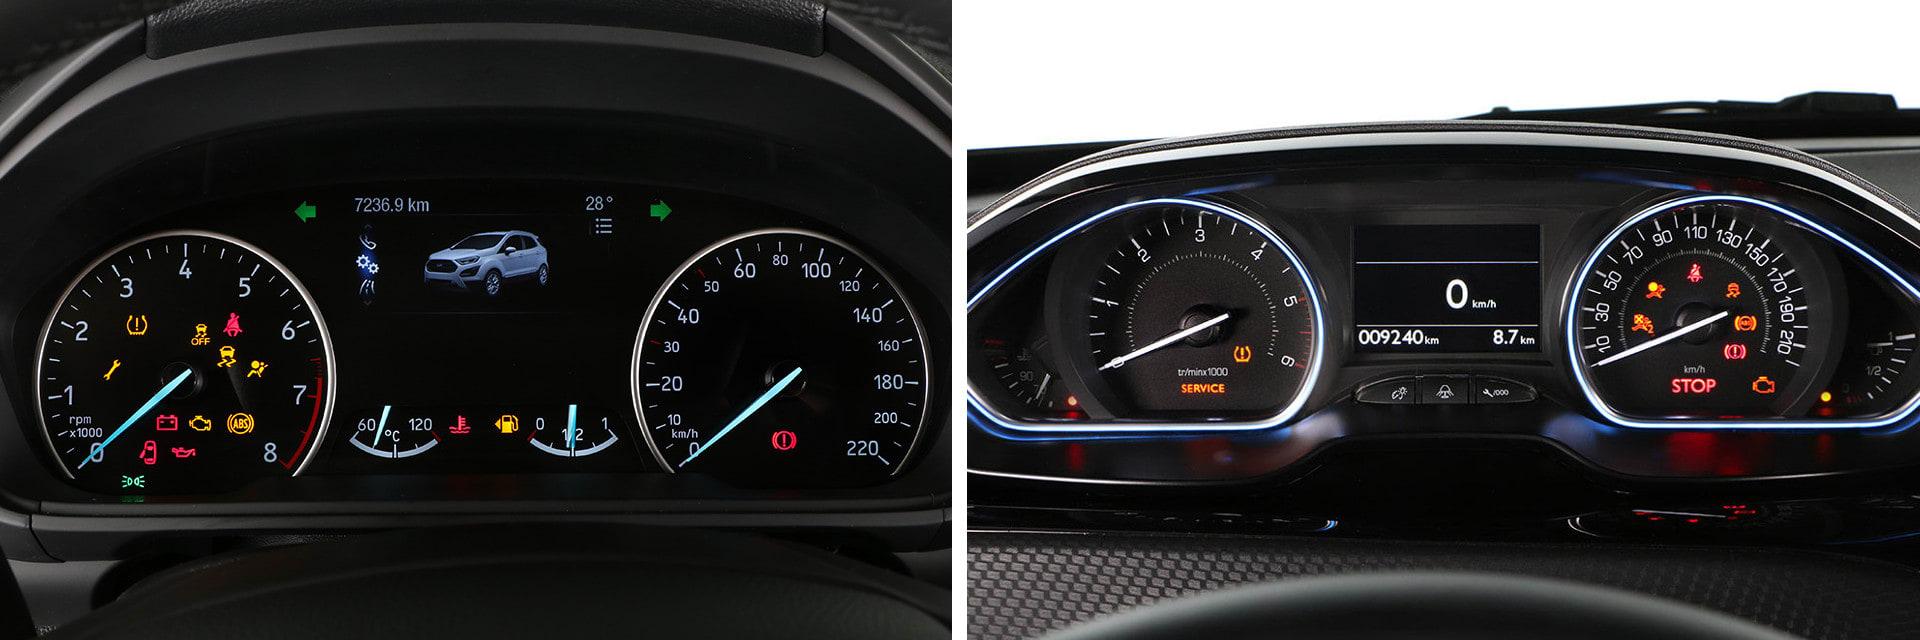 La instrumentación del Peugeot 2008 (dcha.) se visualiza por encima del aro del volante y no por dentro como es lo habitual.